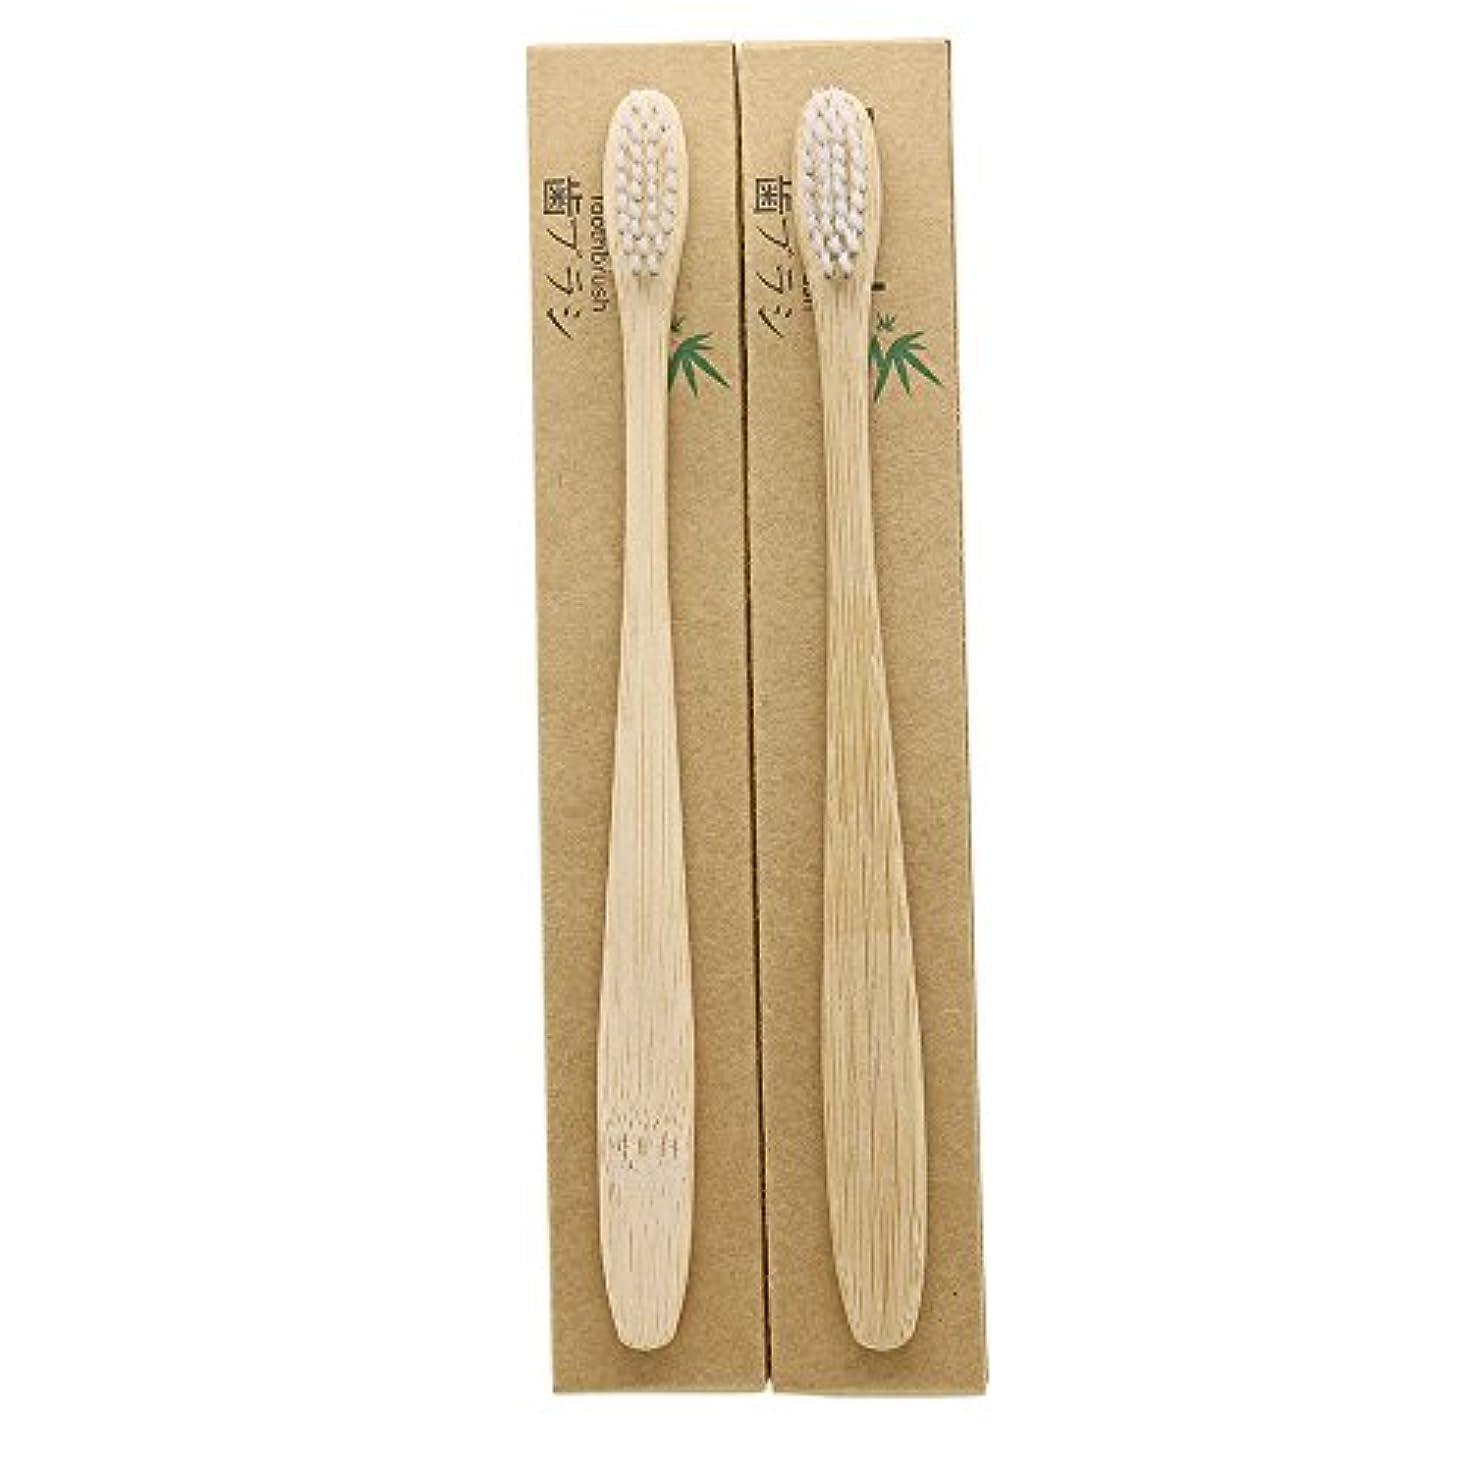 棚成り立つ好戦的なN-amboo 竹製耐久度高い 歯ブラシ 2本入り セット エコ ヘッド小さい 白い